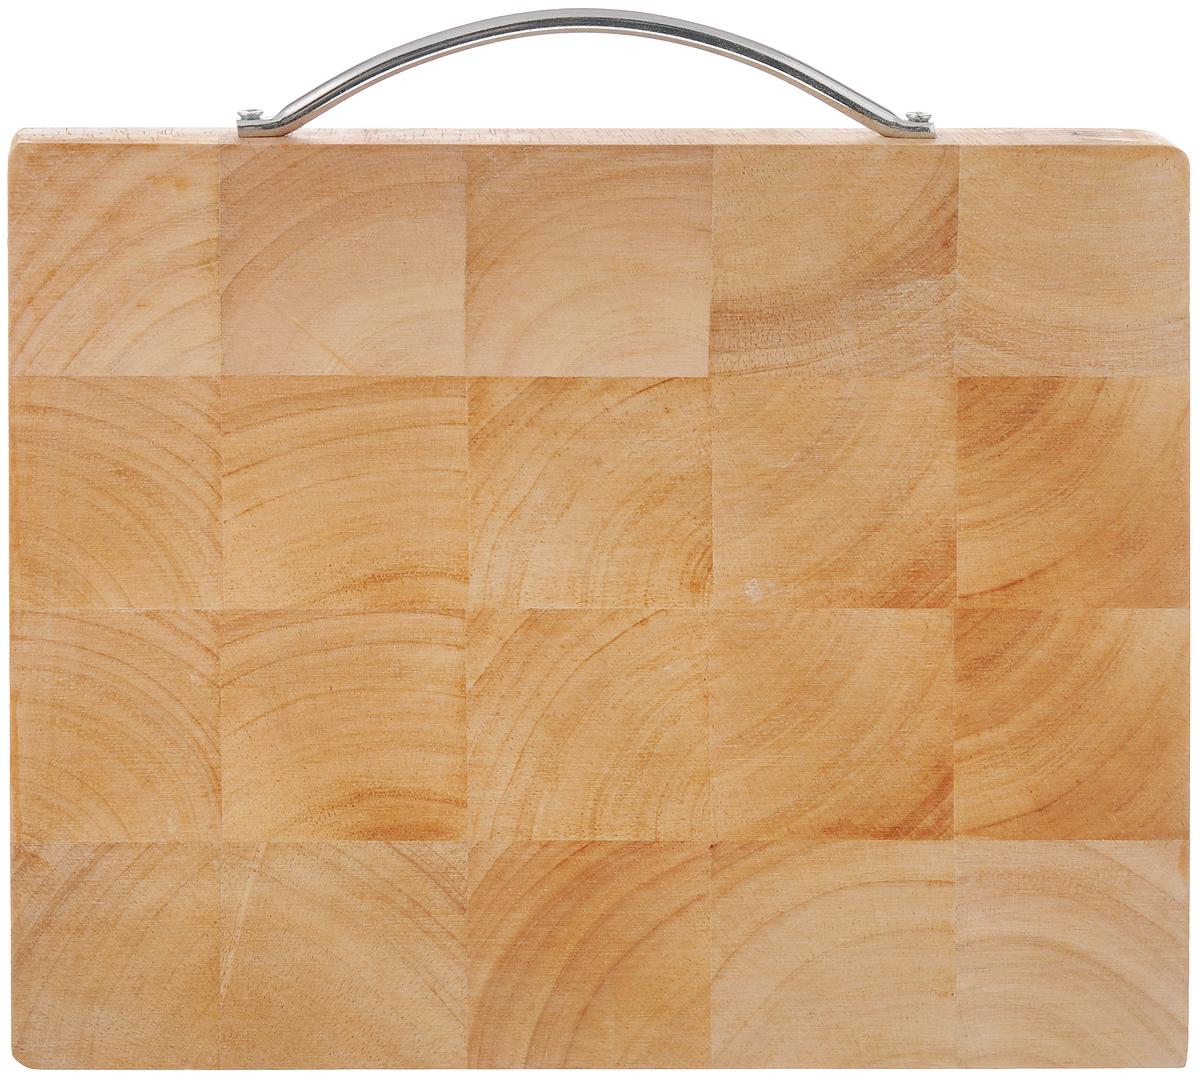 Доска разделочная House & Holder, с ручкой, 25 х 20 х 2 см. B095(3)B095(3)Доска разделочная House & Holder изготовлена из гевеи. Гевея входит в семейство элитного красного дерева. Изделия из этого дерева отличаются твердостью, долговечностью и стойкостью к гниению. Доска оснащена металлической ручкой для более удобного использования. Функциональная и простая в использовании, разделочная доска House & Holder прекрасно впишется в интерьер любой кухни и прослужит вам долгие годы. Не рекомендуется мыть в посудомоечной машине. Размер доски: 25 х 20 см. Толщина доски: 2 см.